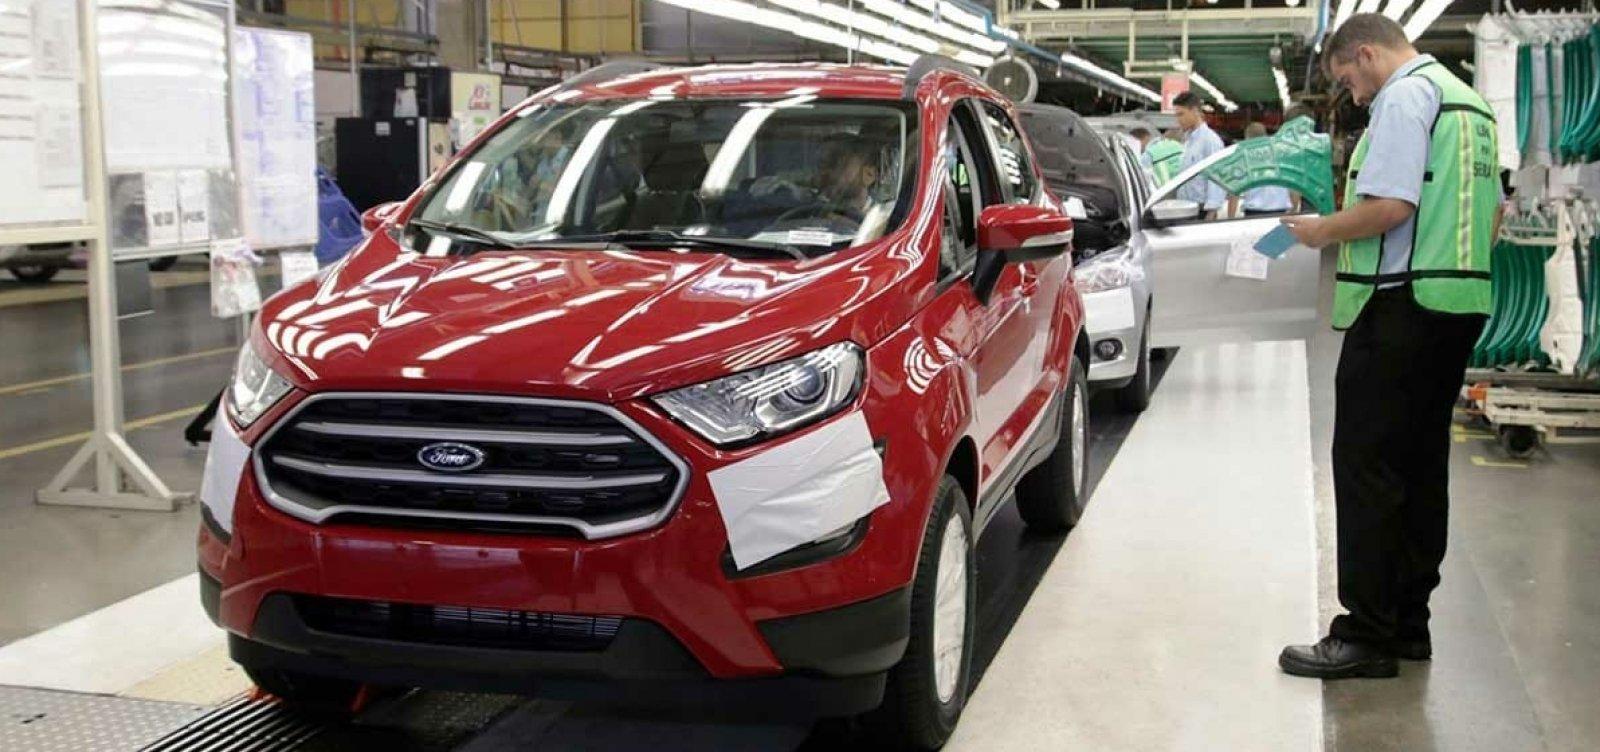 [Após 20 anos, fábrica da Ford em Camaçari será fechada; empresa decidiu encerrar produção em todo o Brasil ]